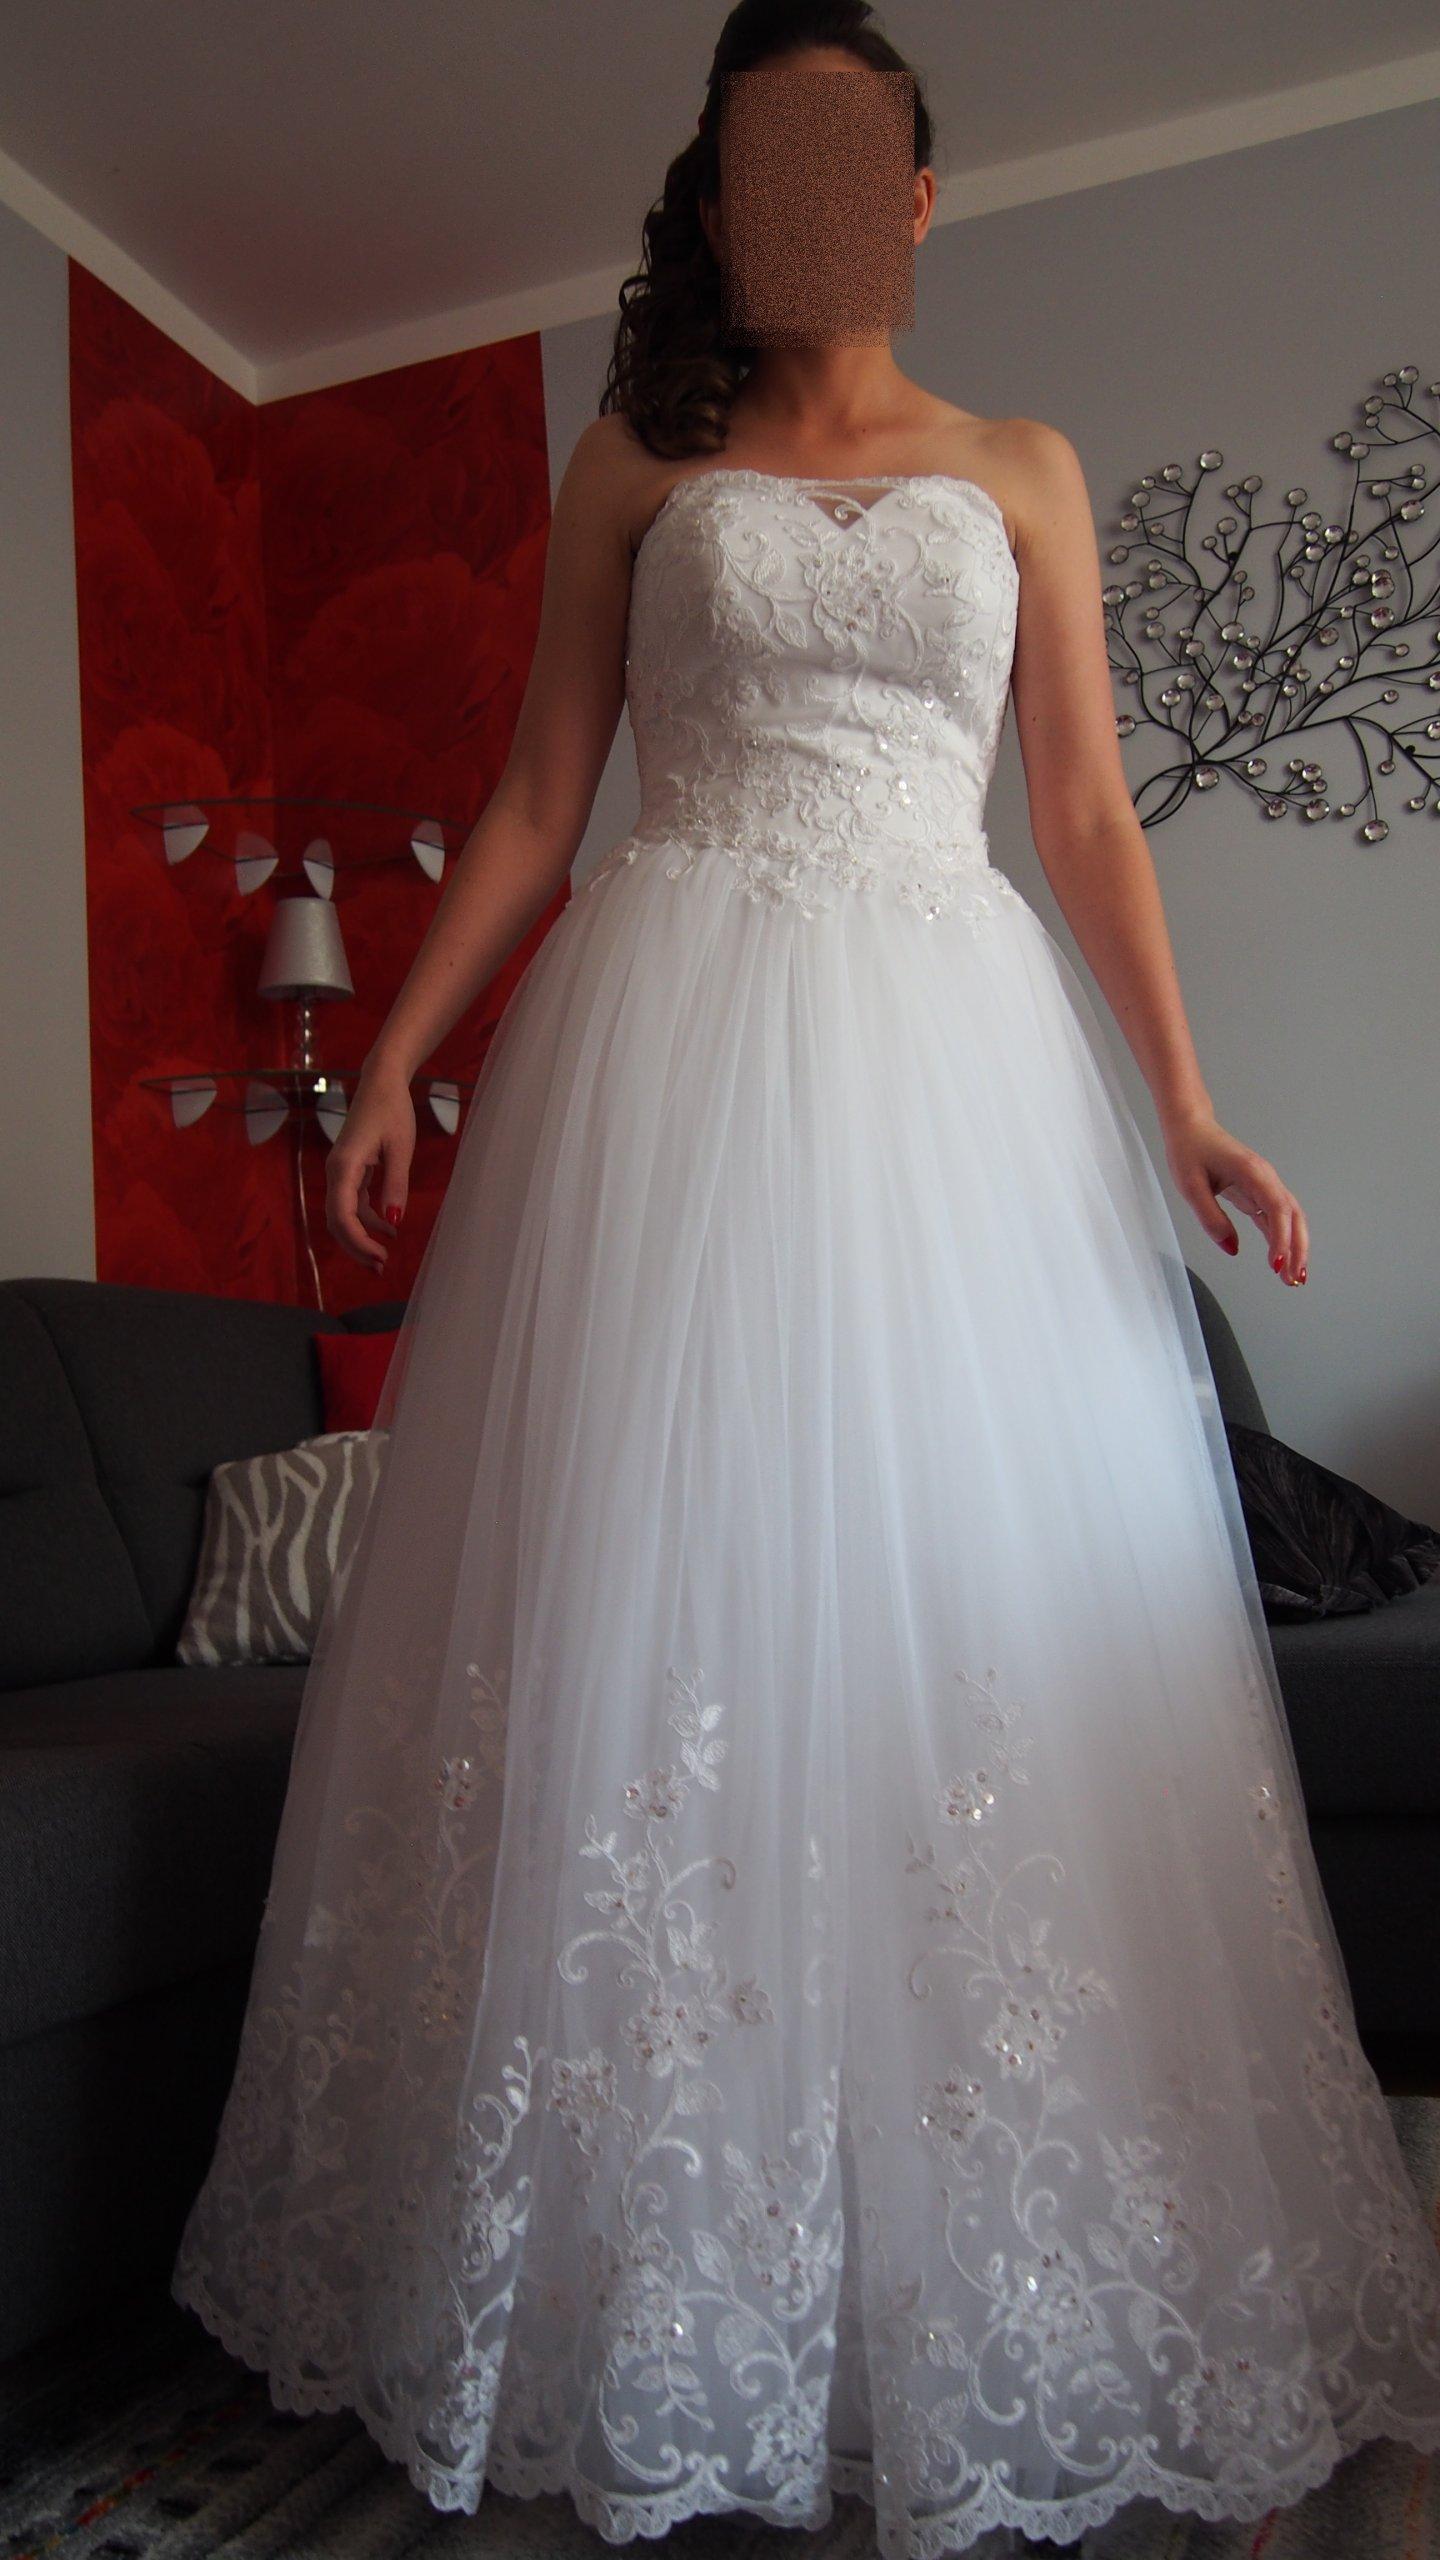 Suknia ślubna Afrodyta Yes Gratisy 7104333989 Oficjalne